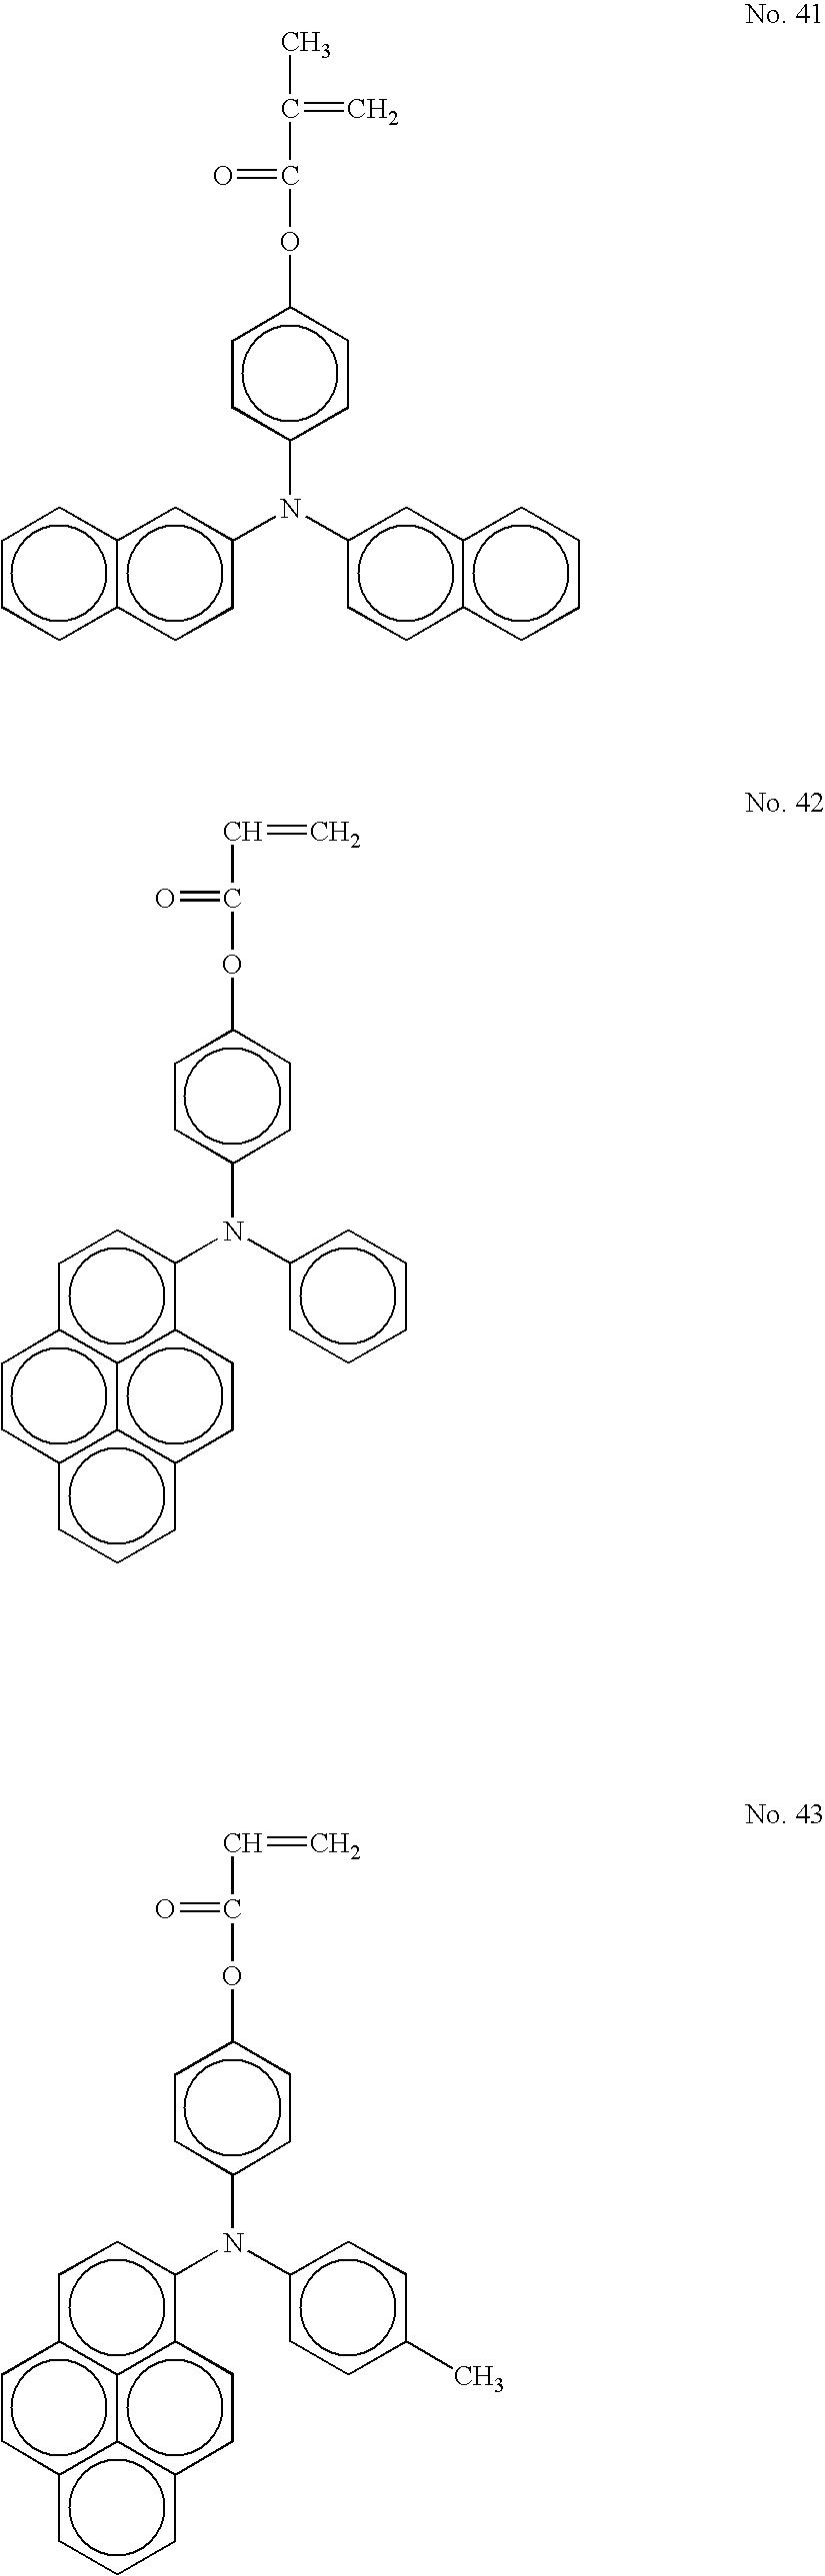 Figure US20060177749A1-20060810-C00030